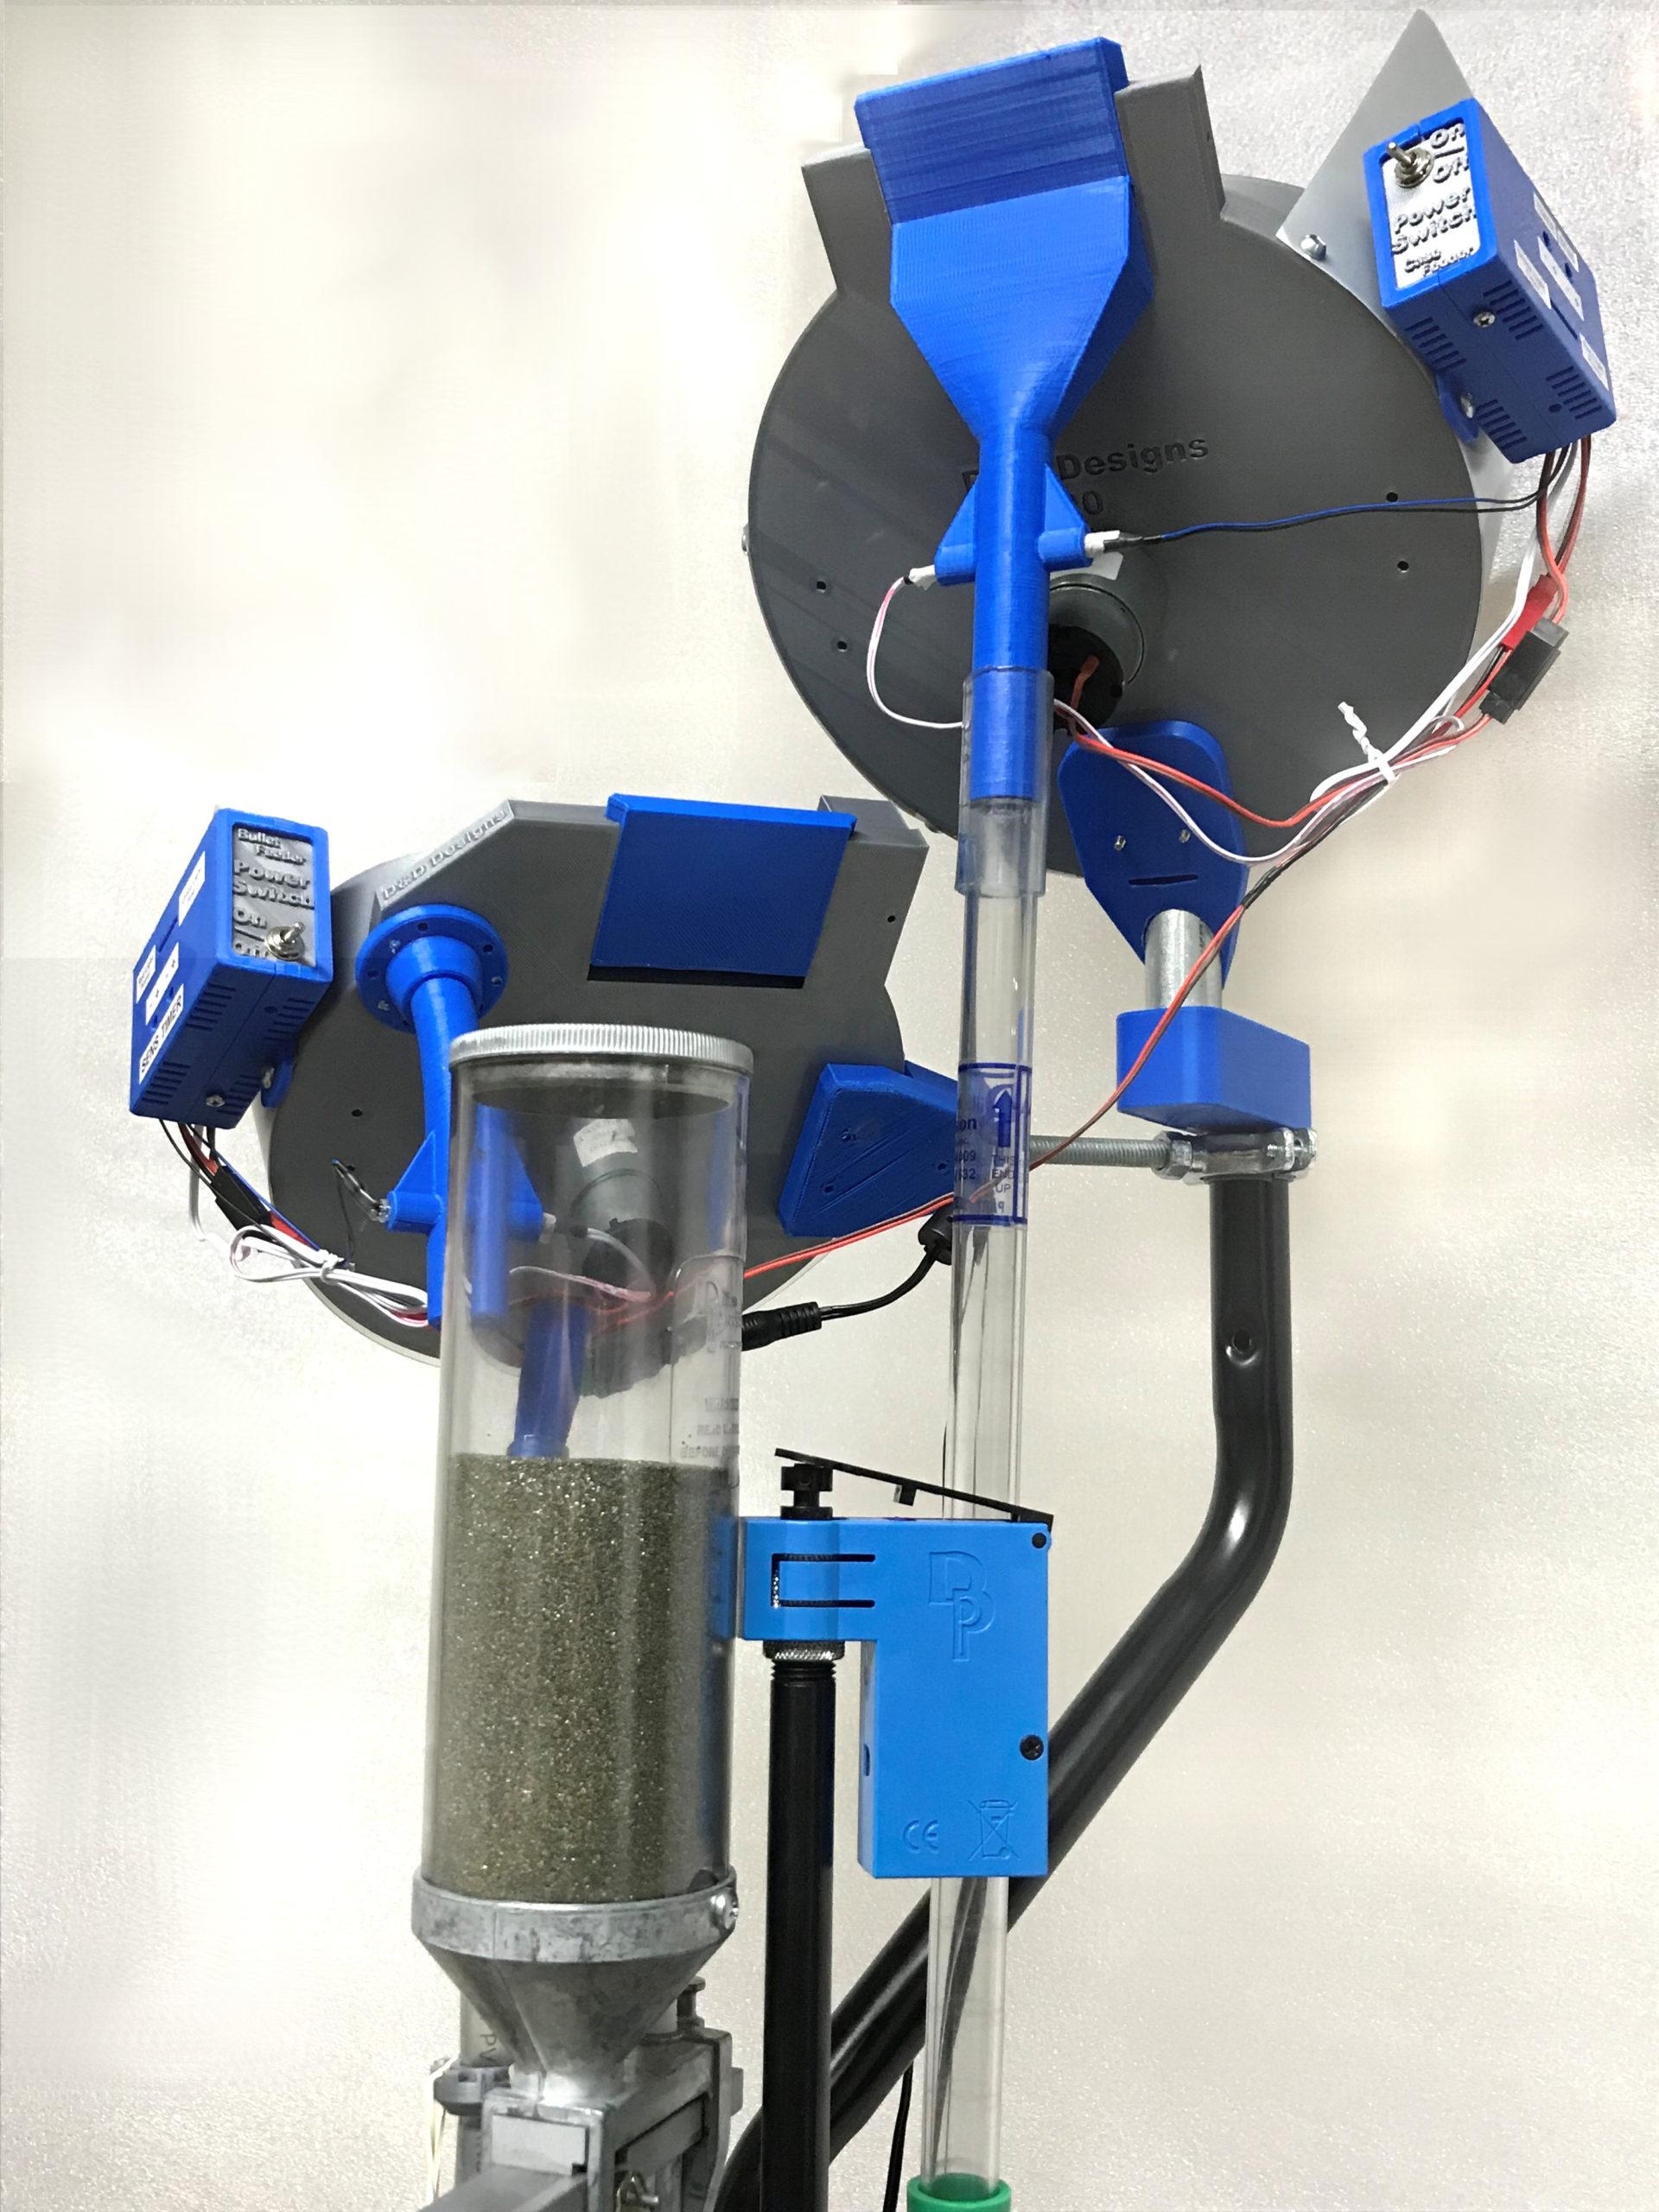 Bullet feeder kit for 9mm